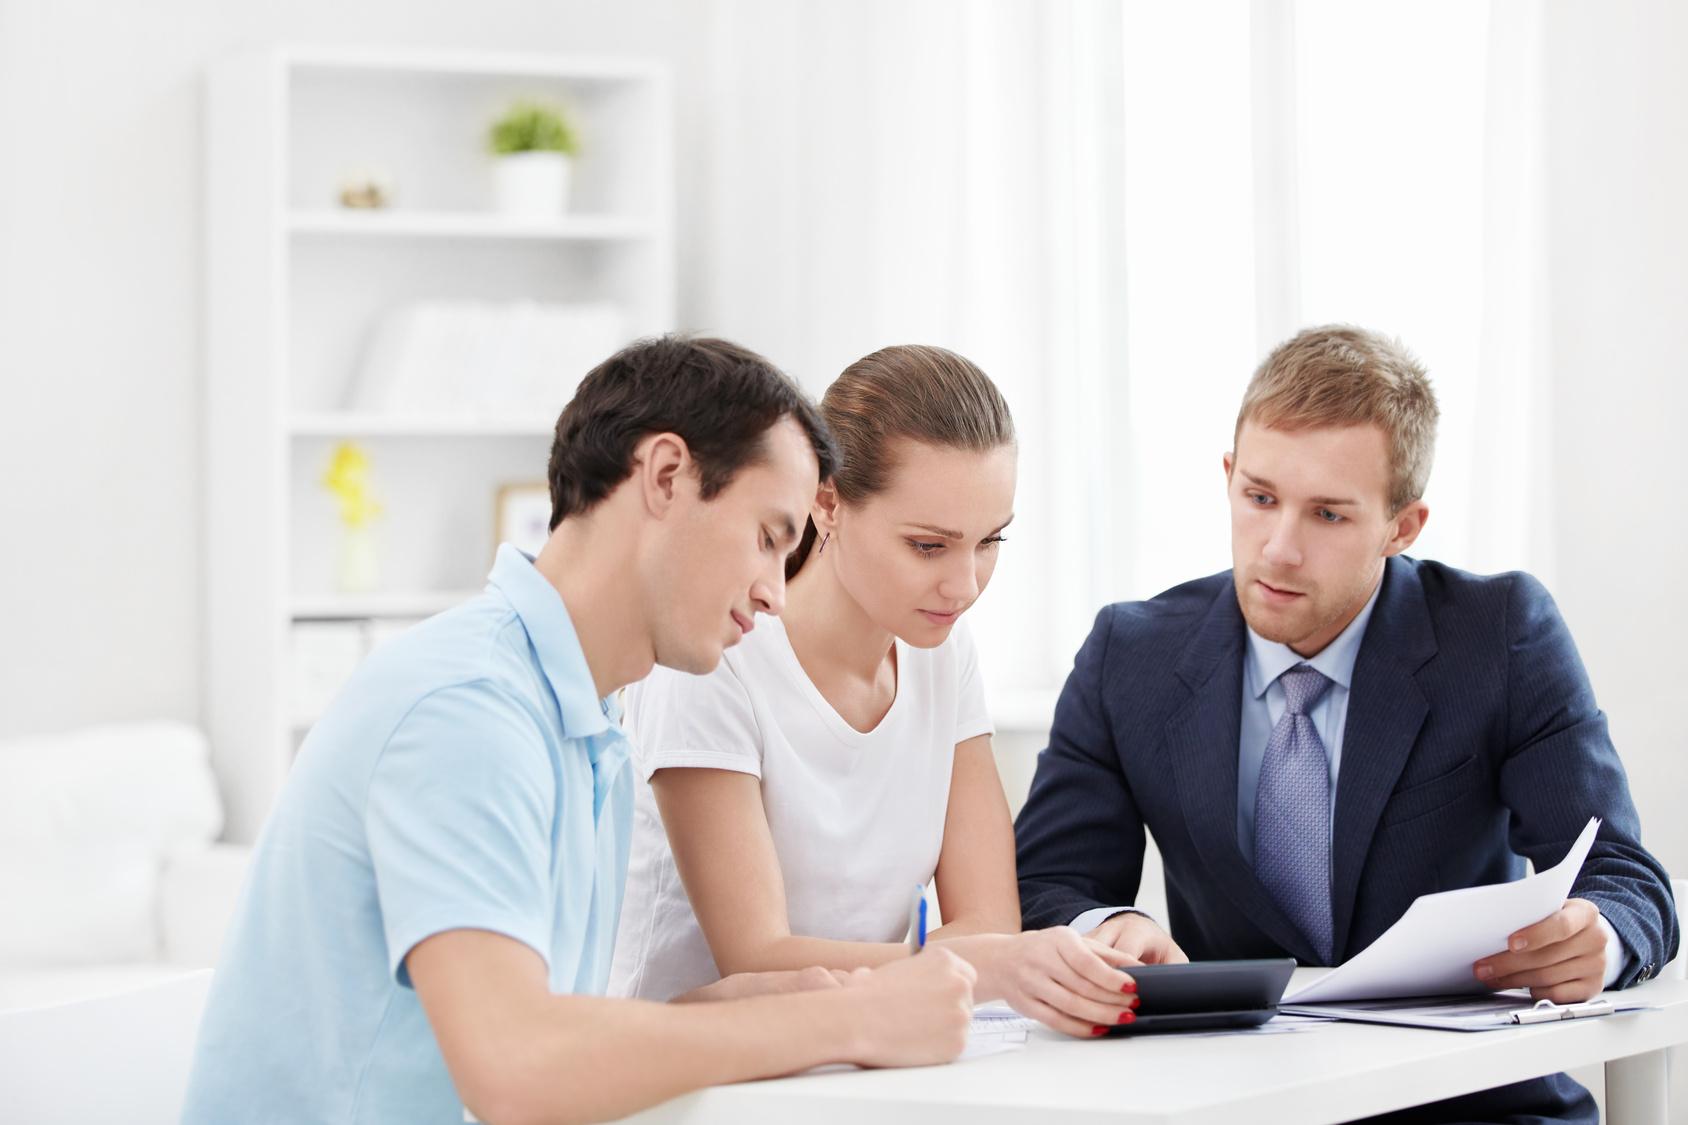 Le cabinet de recrutement : un partenaire fiable pour trouver rapidement le candidat idéal